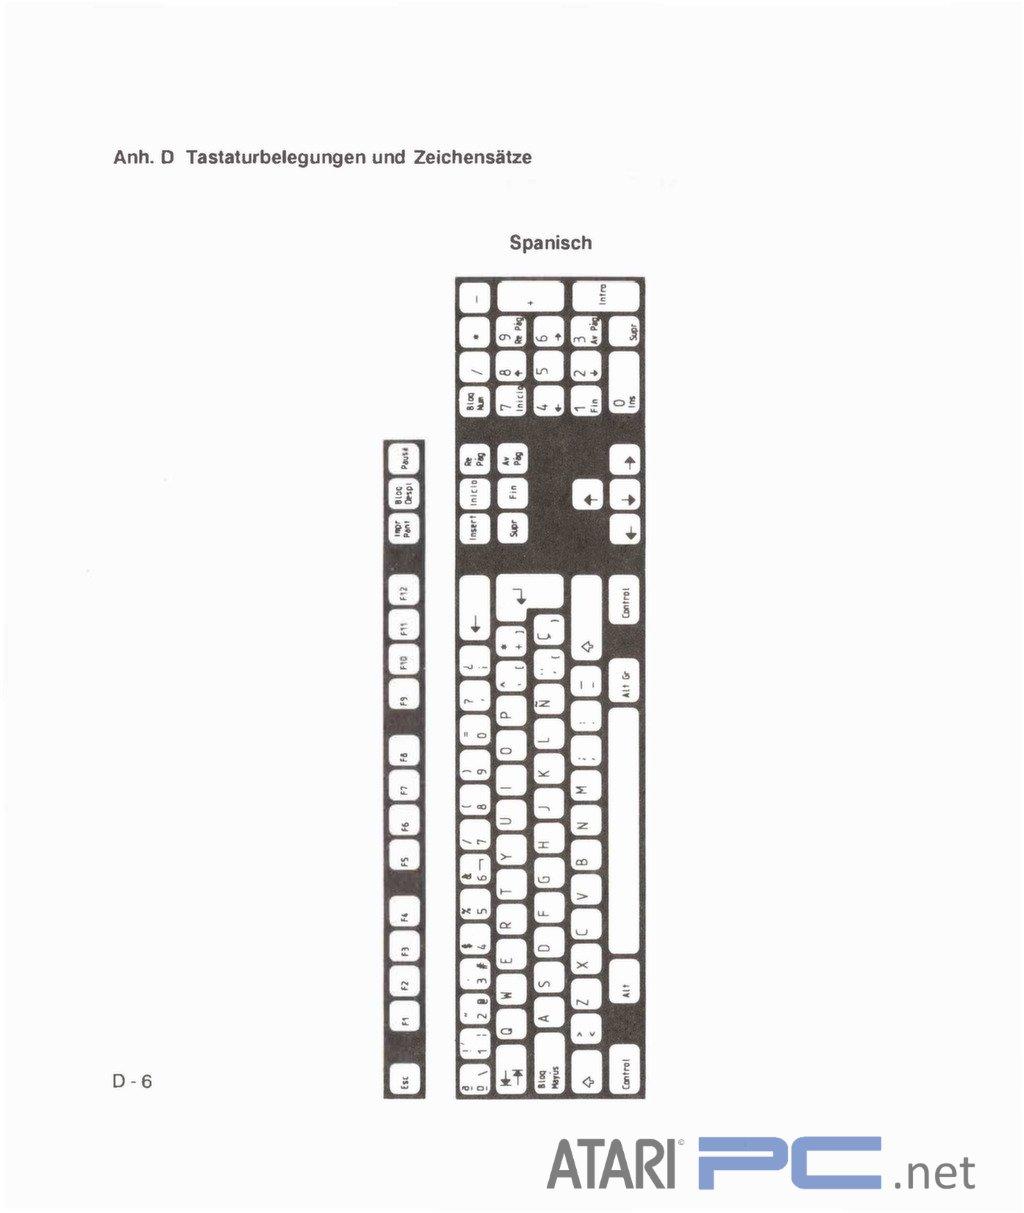 Atari PC4 (Mitac) User Manual – German